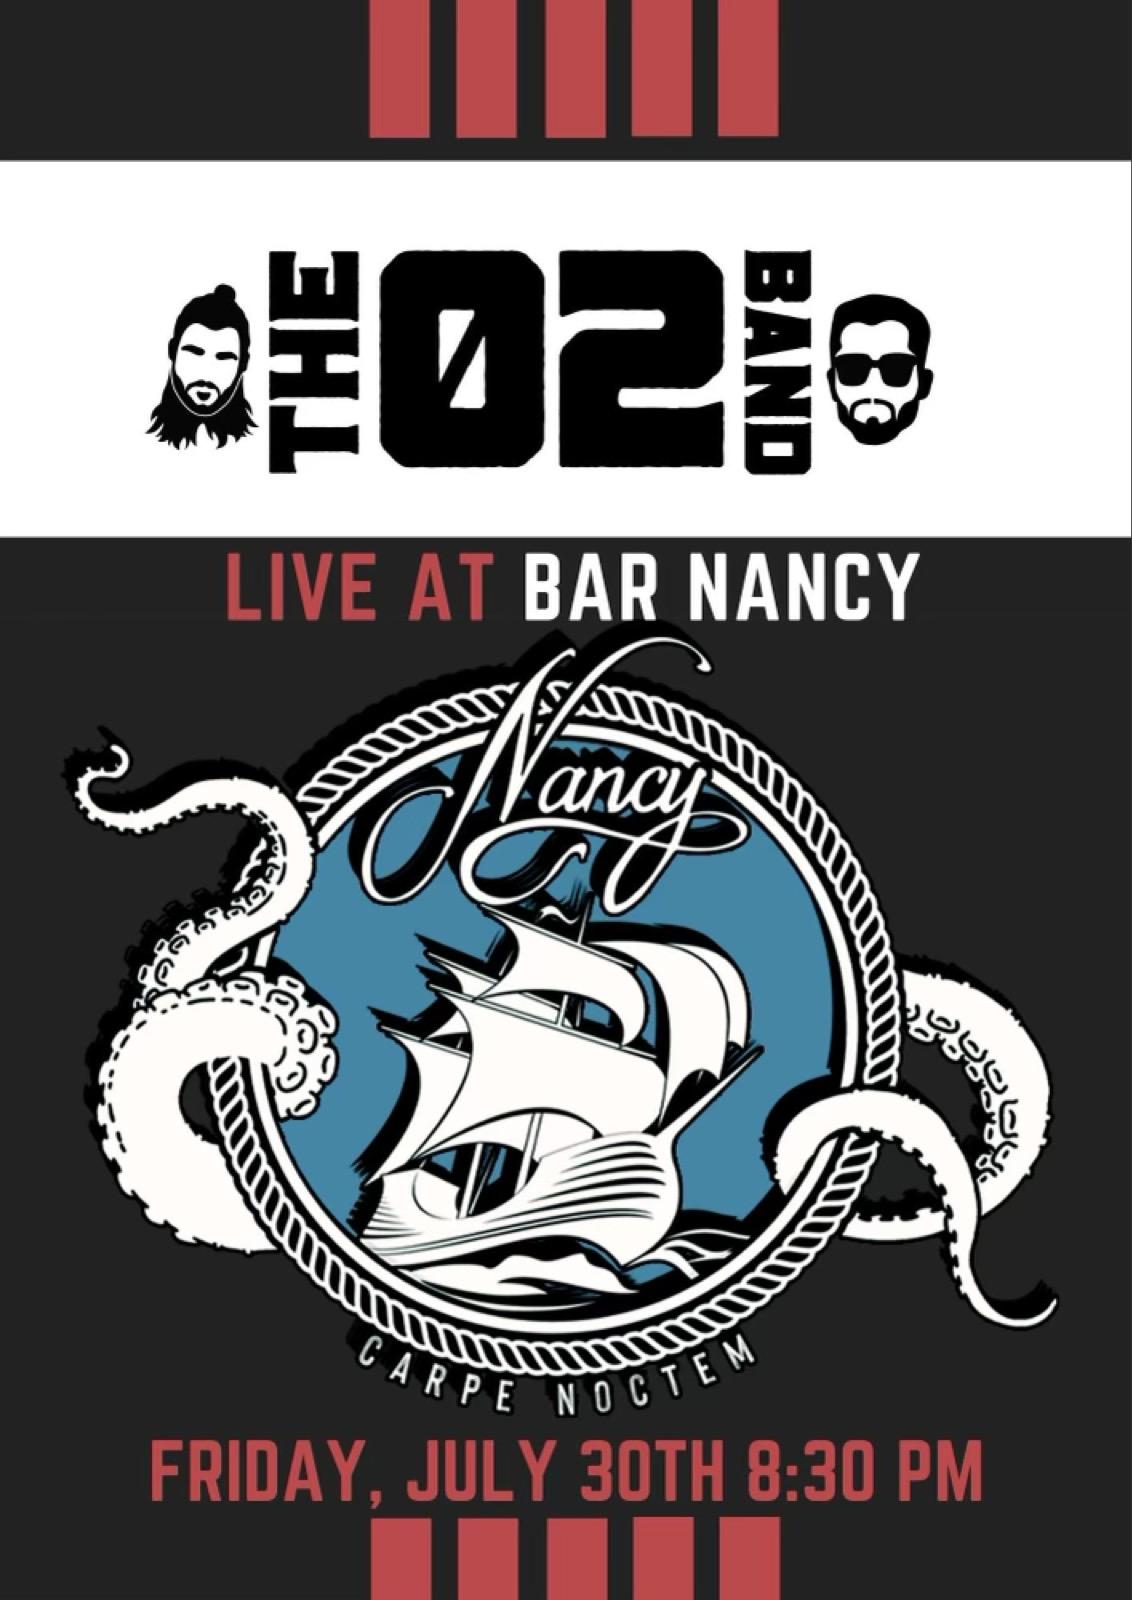 The 02 Band at Bar Nancy Friday July 30th 8:30PM